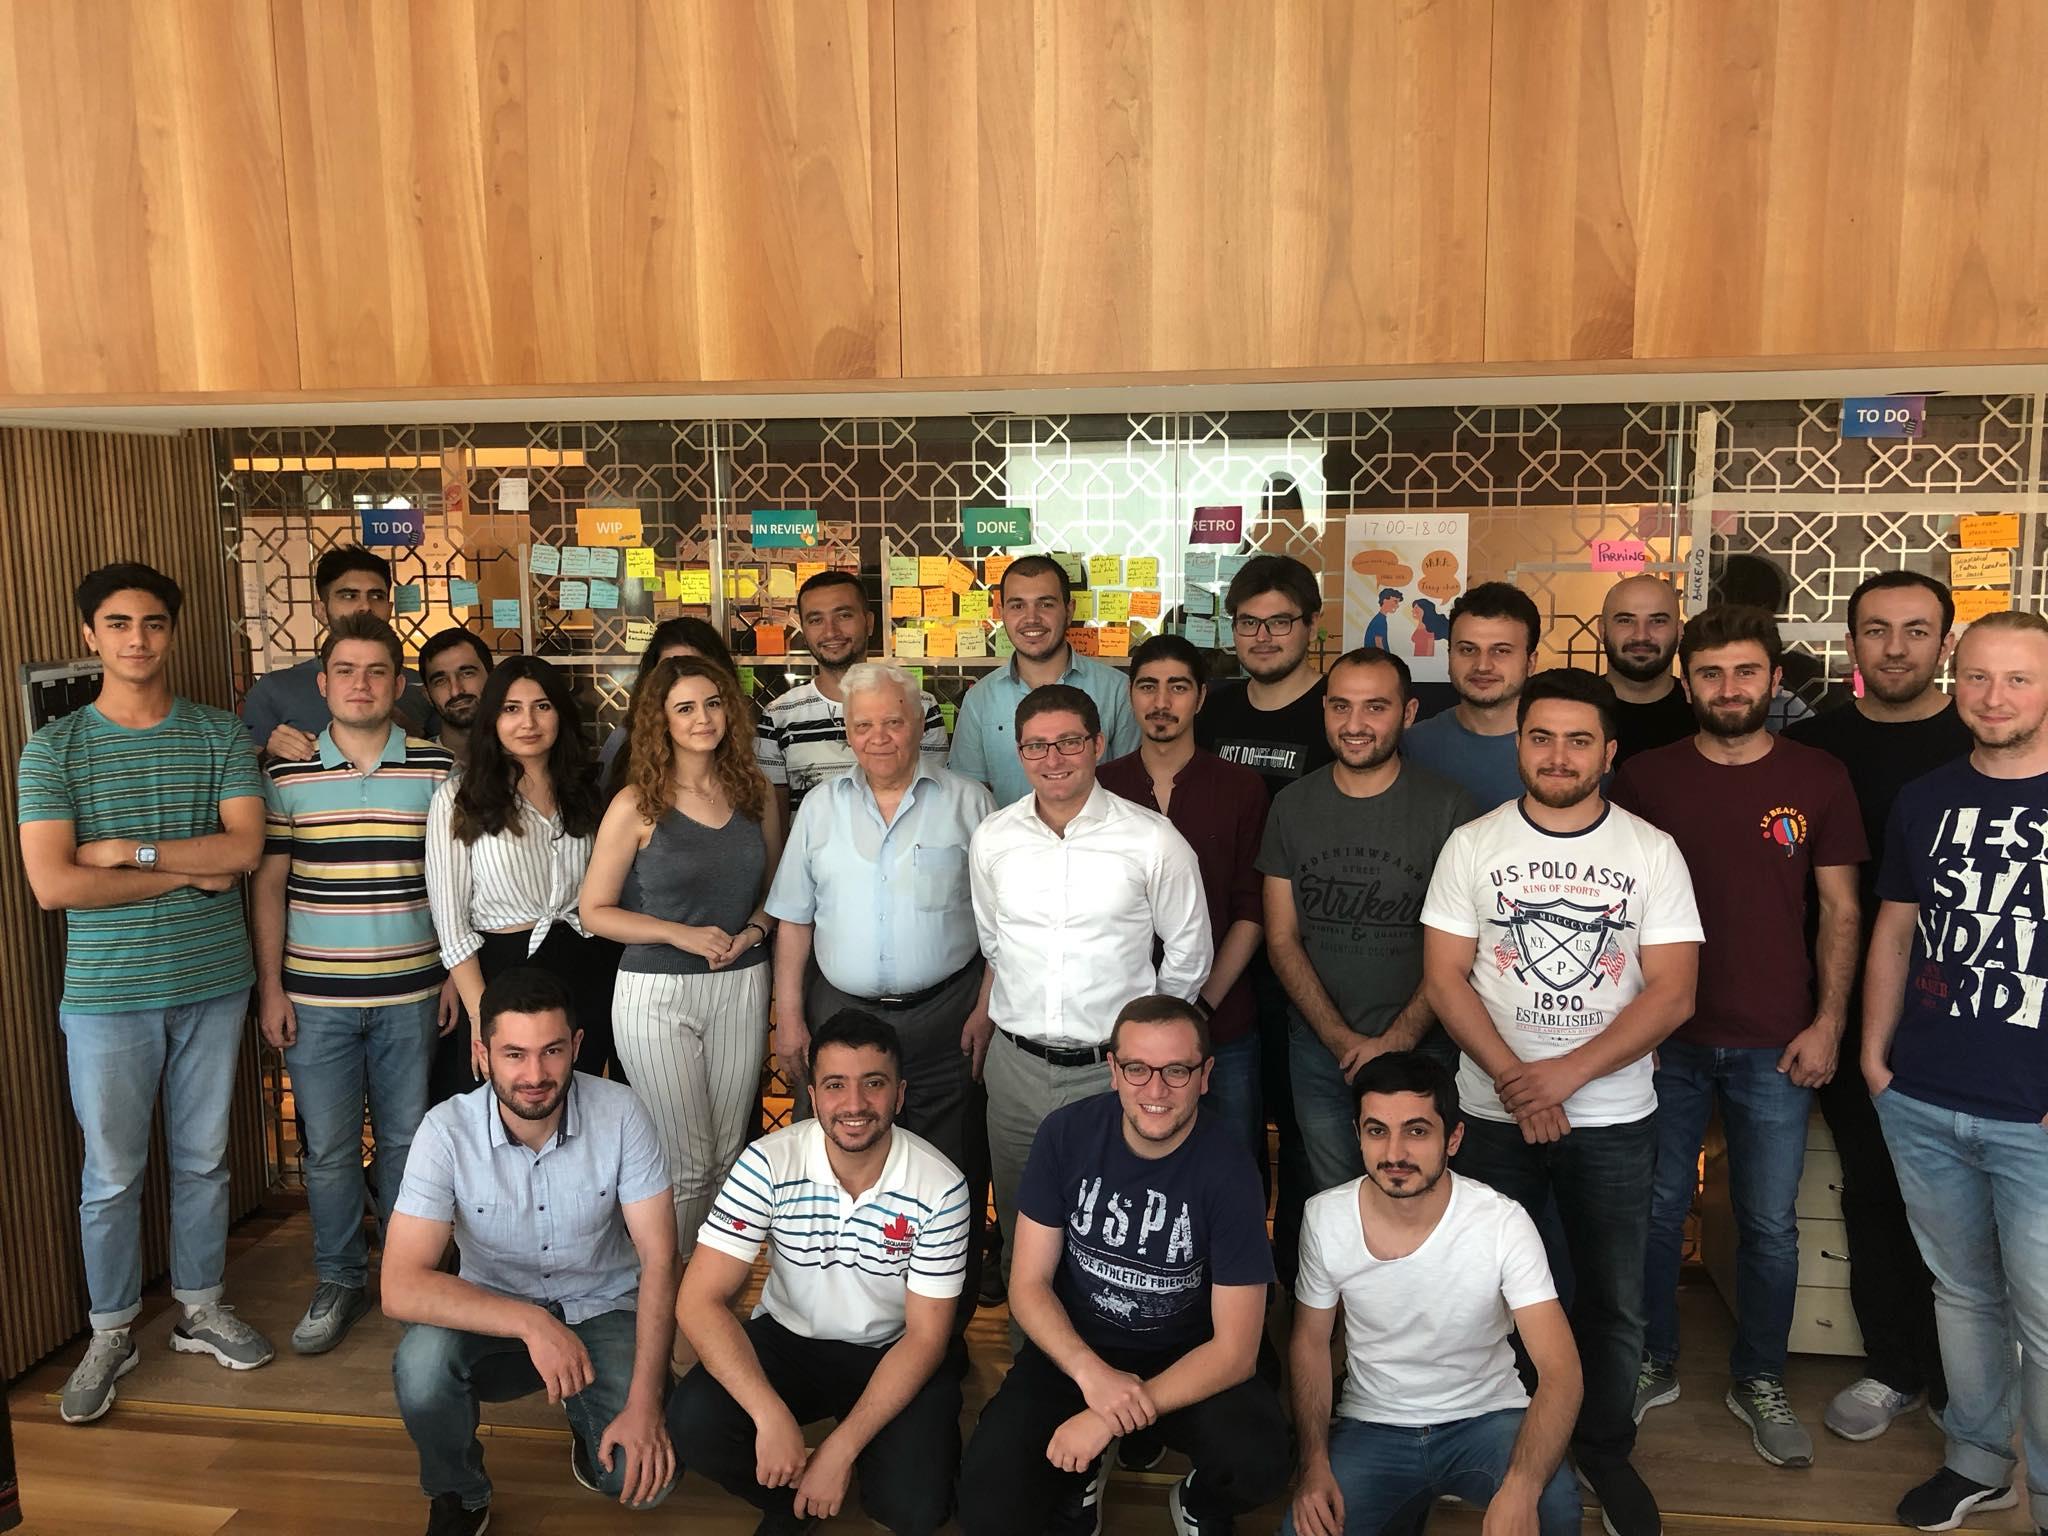 Р. Махмудхзаде: «Первые азербайджанские программисты стали ведущими специалистами в крупных компаниях по всему миру»